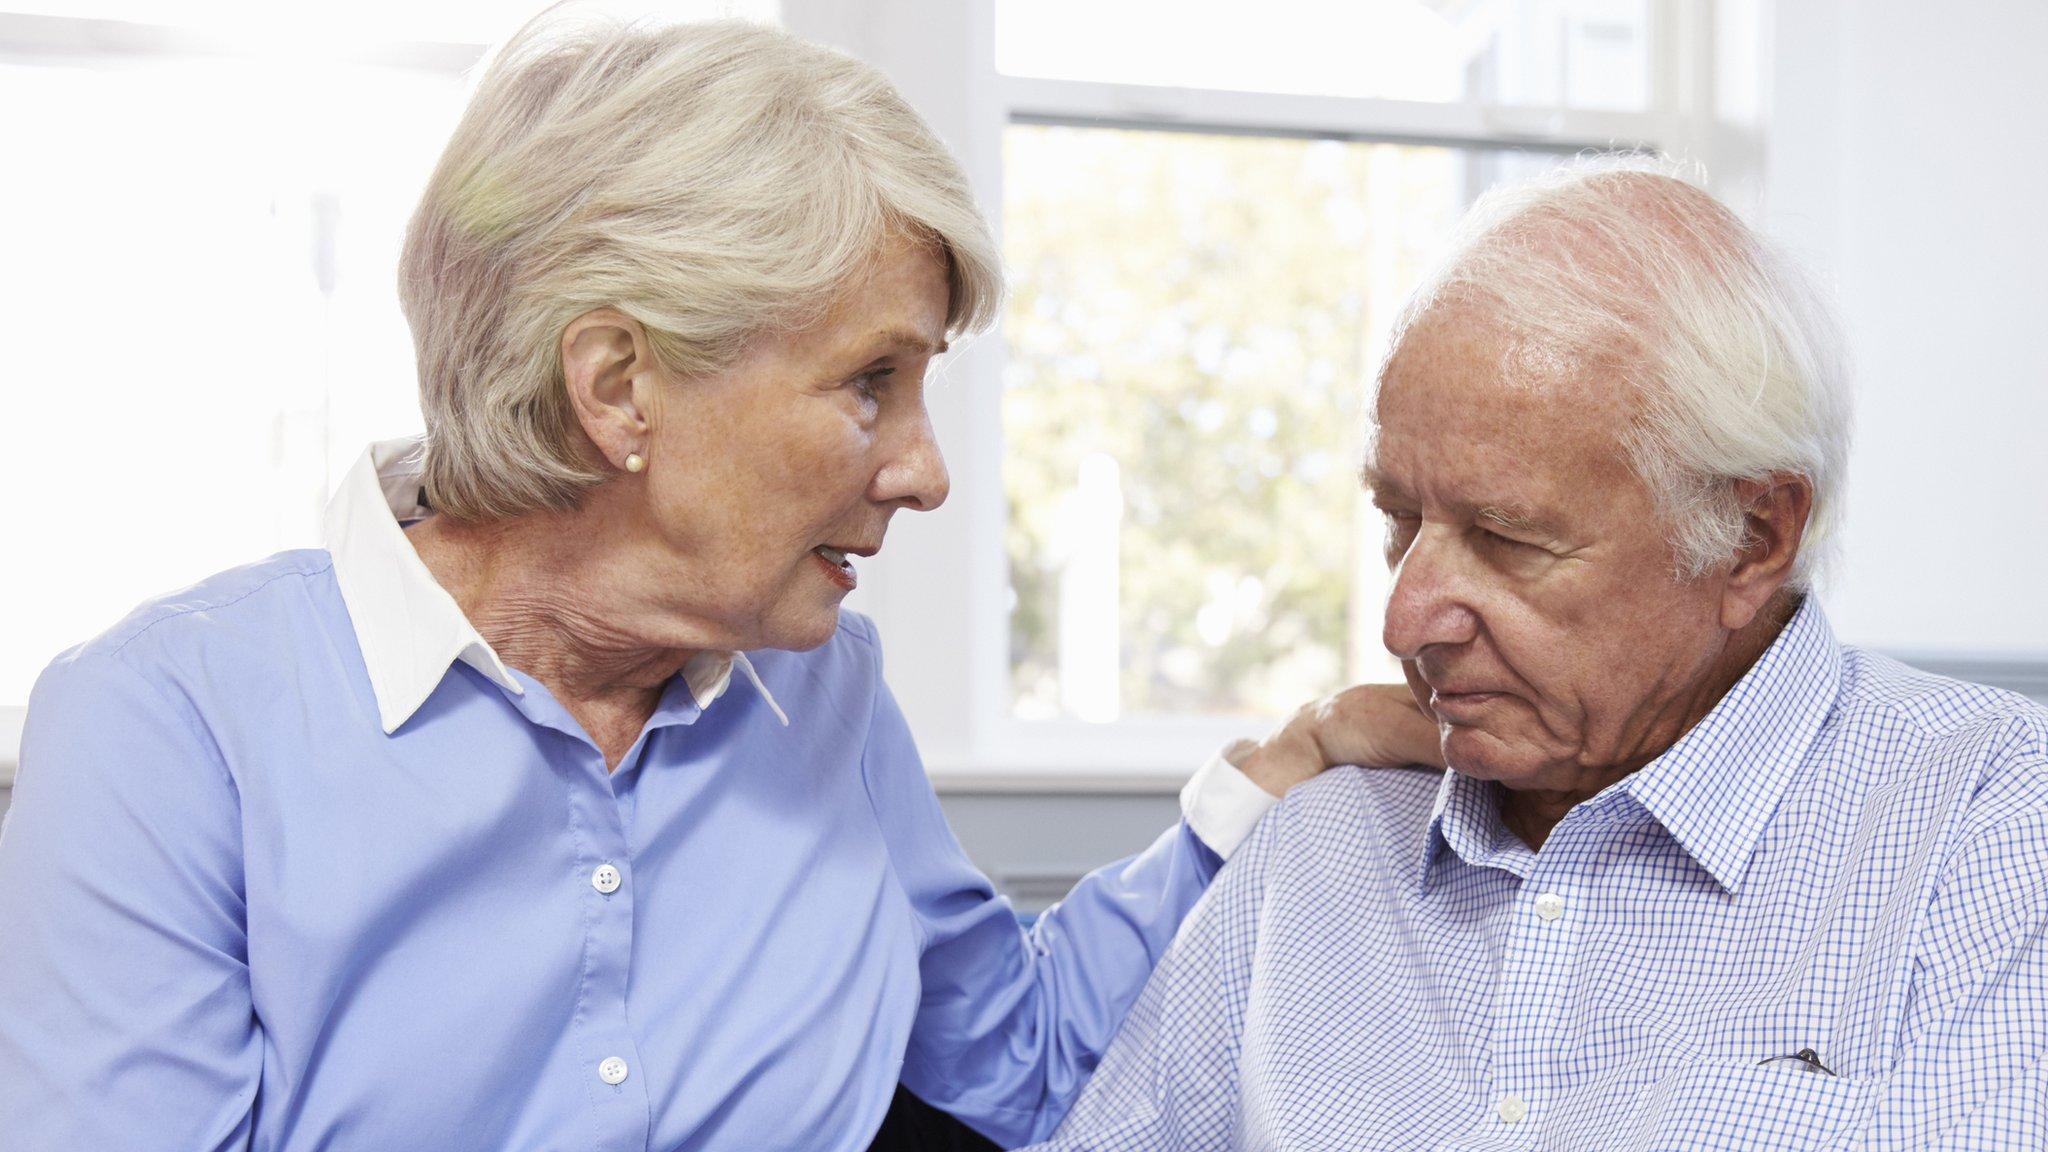 Drug 'may slow' Alzheimer's brain death